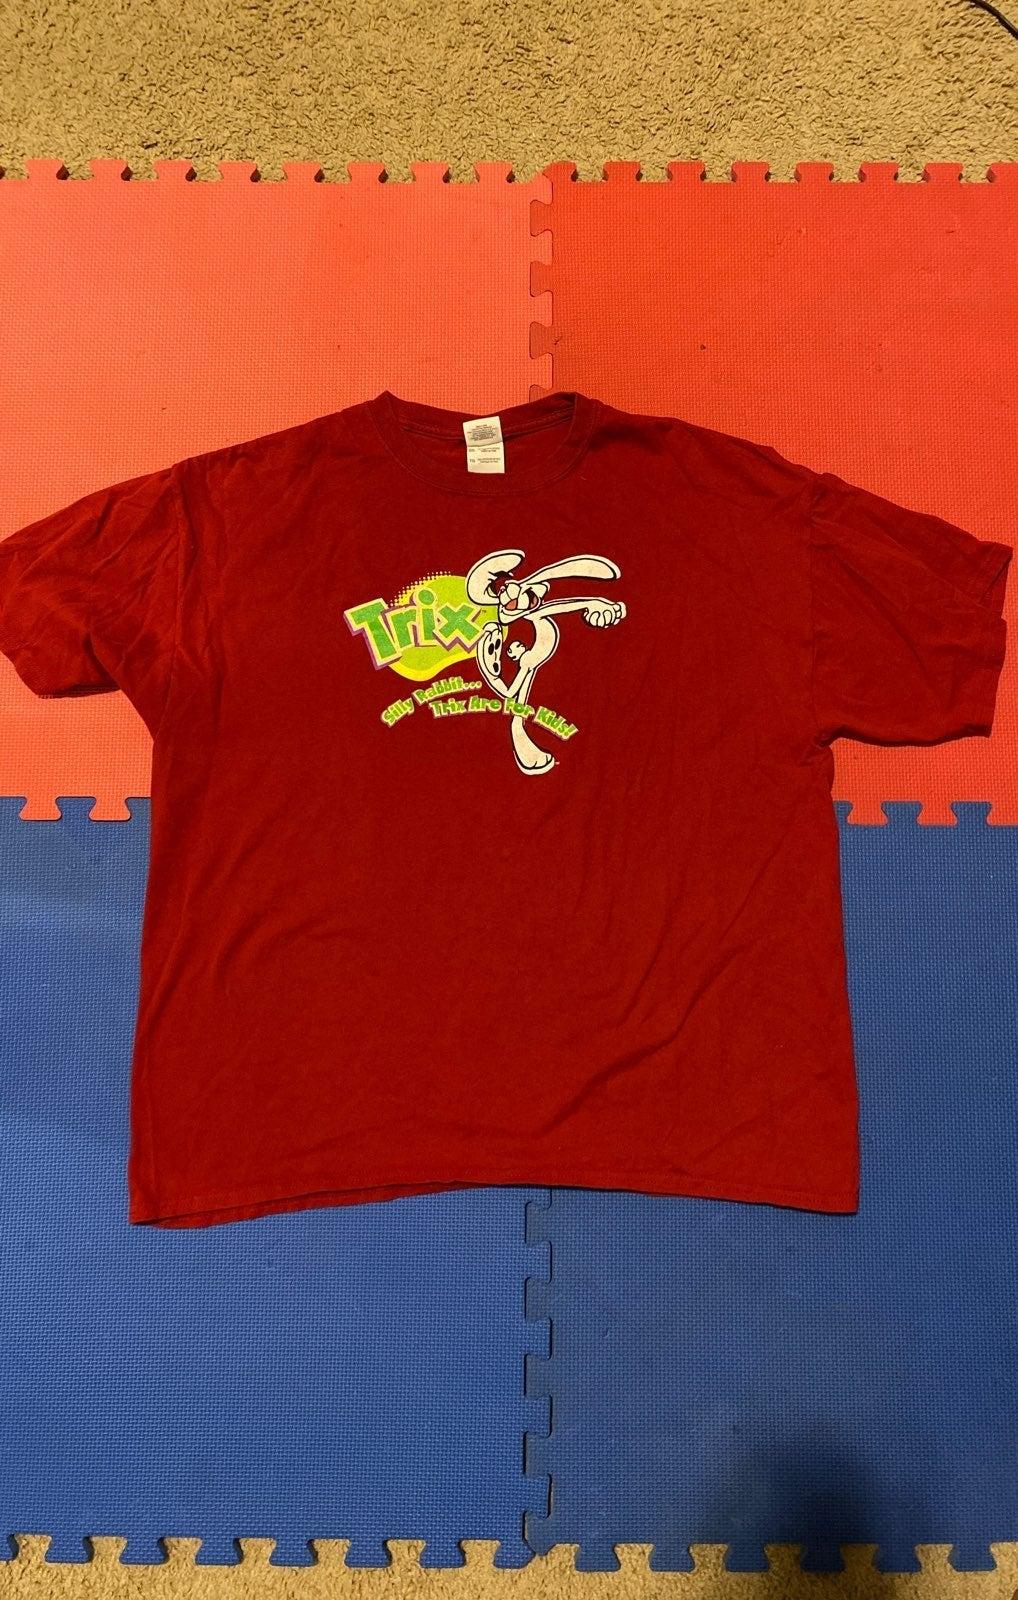 Trix Cereal Snack Promo Tshirt (XL)